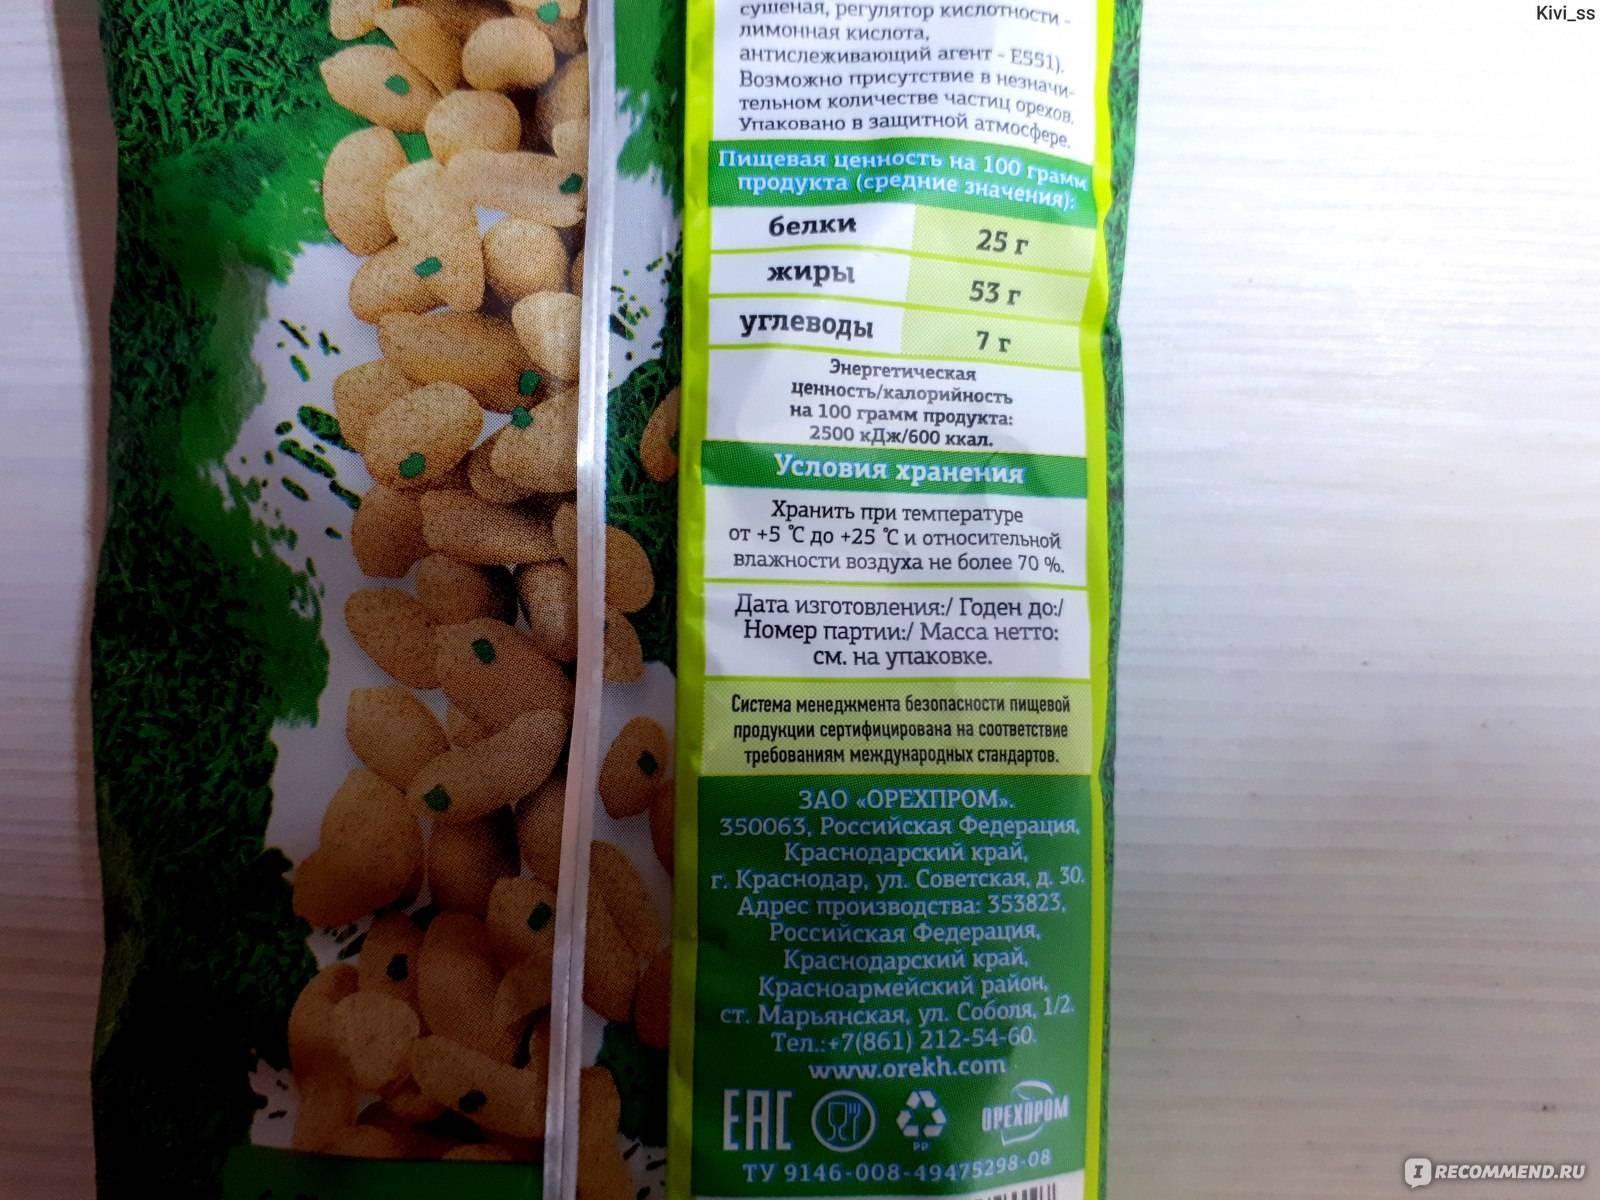 Арахис жареный — калорийность (сколько калорий в 100 граммах)